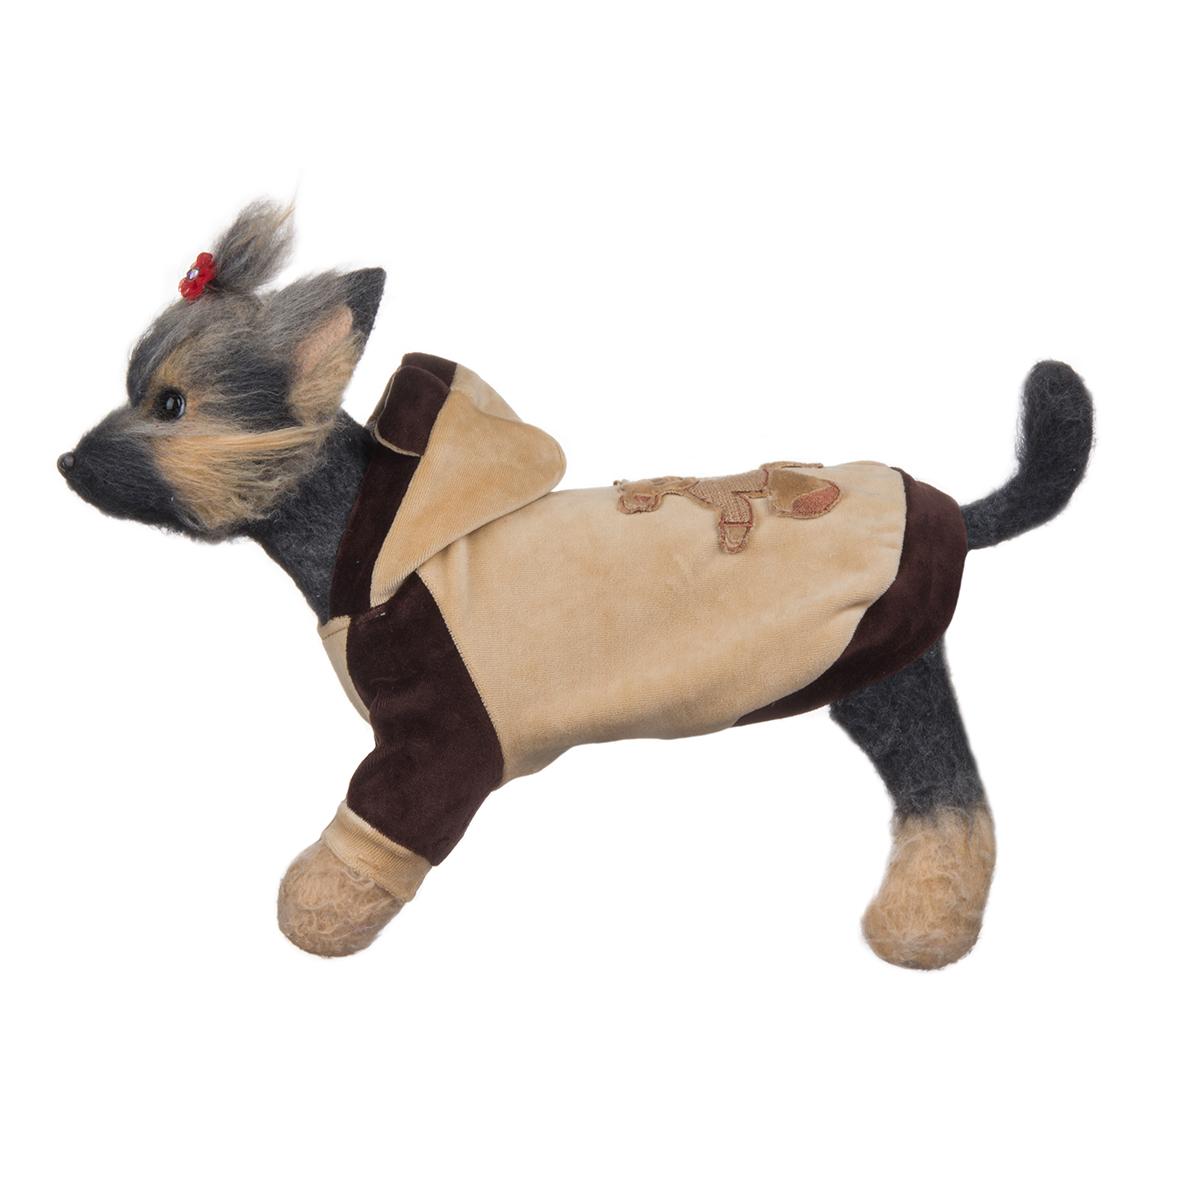 Куртка для собак Dogmoda Мишка, унисекс, цвет: коричневый, бежевый. Размер 3 (L)DM-130008-3Куртка для собак Dogmoda Мишка отлично подойдет для прогулок в сухую погоду или для дома.Куртка изготовлена из качественного мягкого велюра.Куртка с капюшоном достаточно широкая и не имеет застежек, ее легко надевать и снимать. Капюшон декорирован очаровательными ушками и не отстегивается. Низ рукавов оснащен широкими стильными манжетами. Спинка украшена вышитой аппликацией с изображением мишки.Благодаря такой куртке вашему питомцу будет комфортно наслаждаться прогулкой или играми дома.Одежда для собак: нужна ли она и как её выбрать. Статья OZON Гид